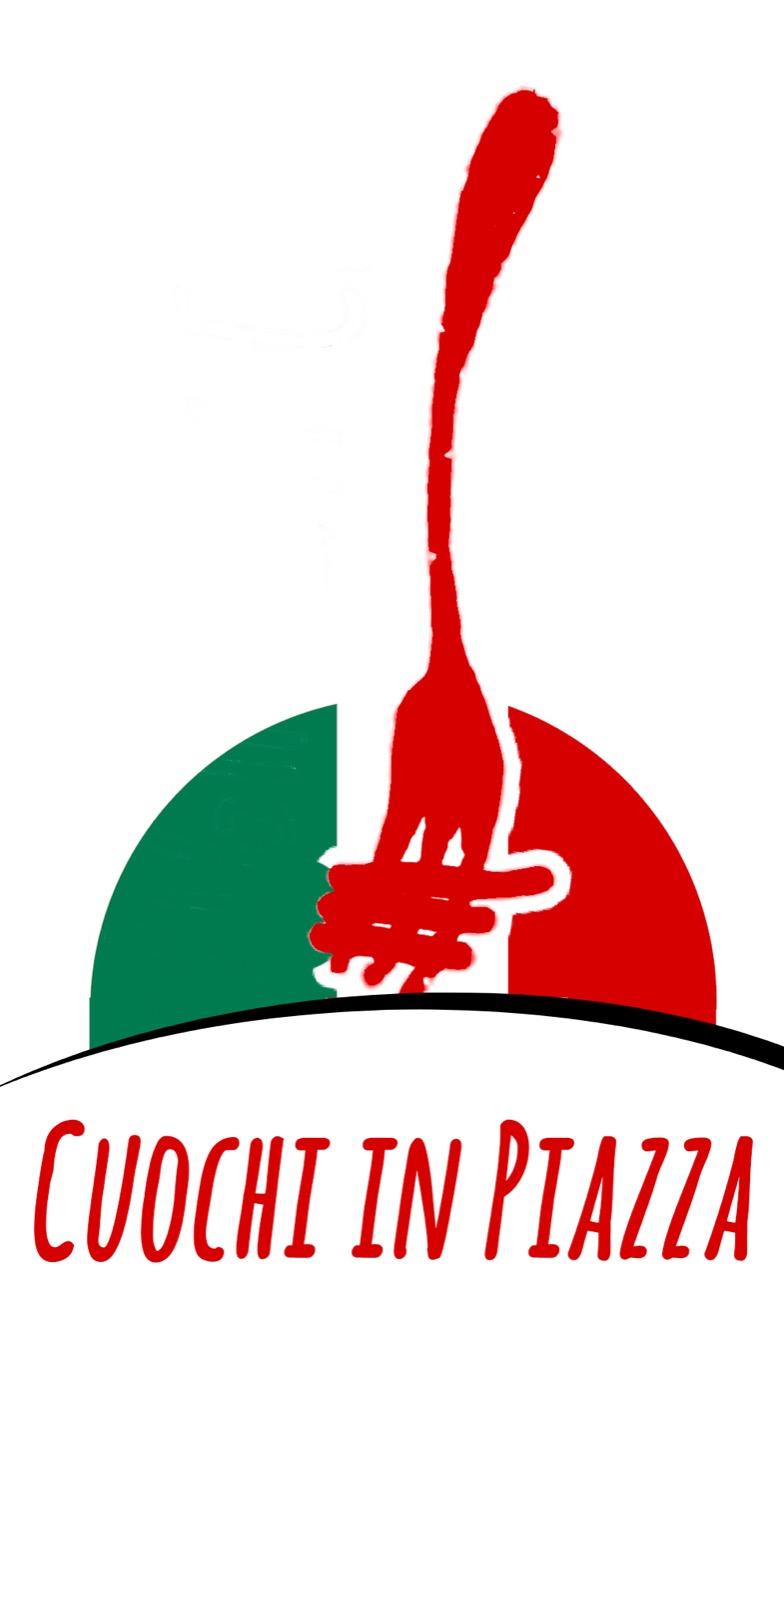 CUOCHI IN PIAZZA_logo di Fight Eat Club